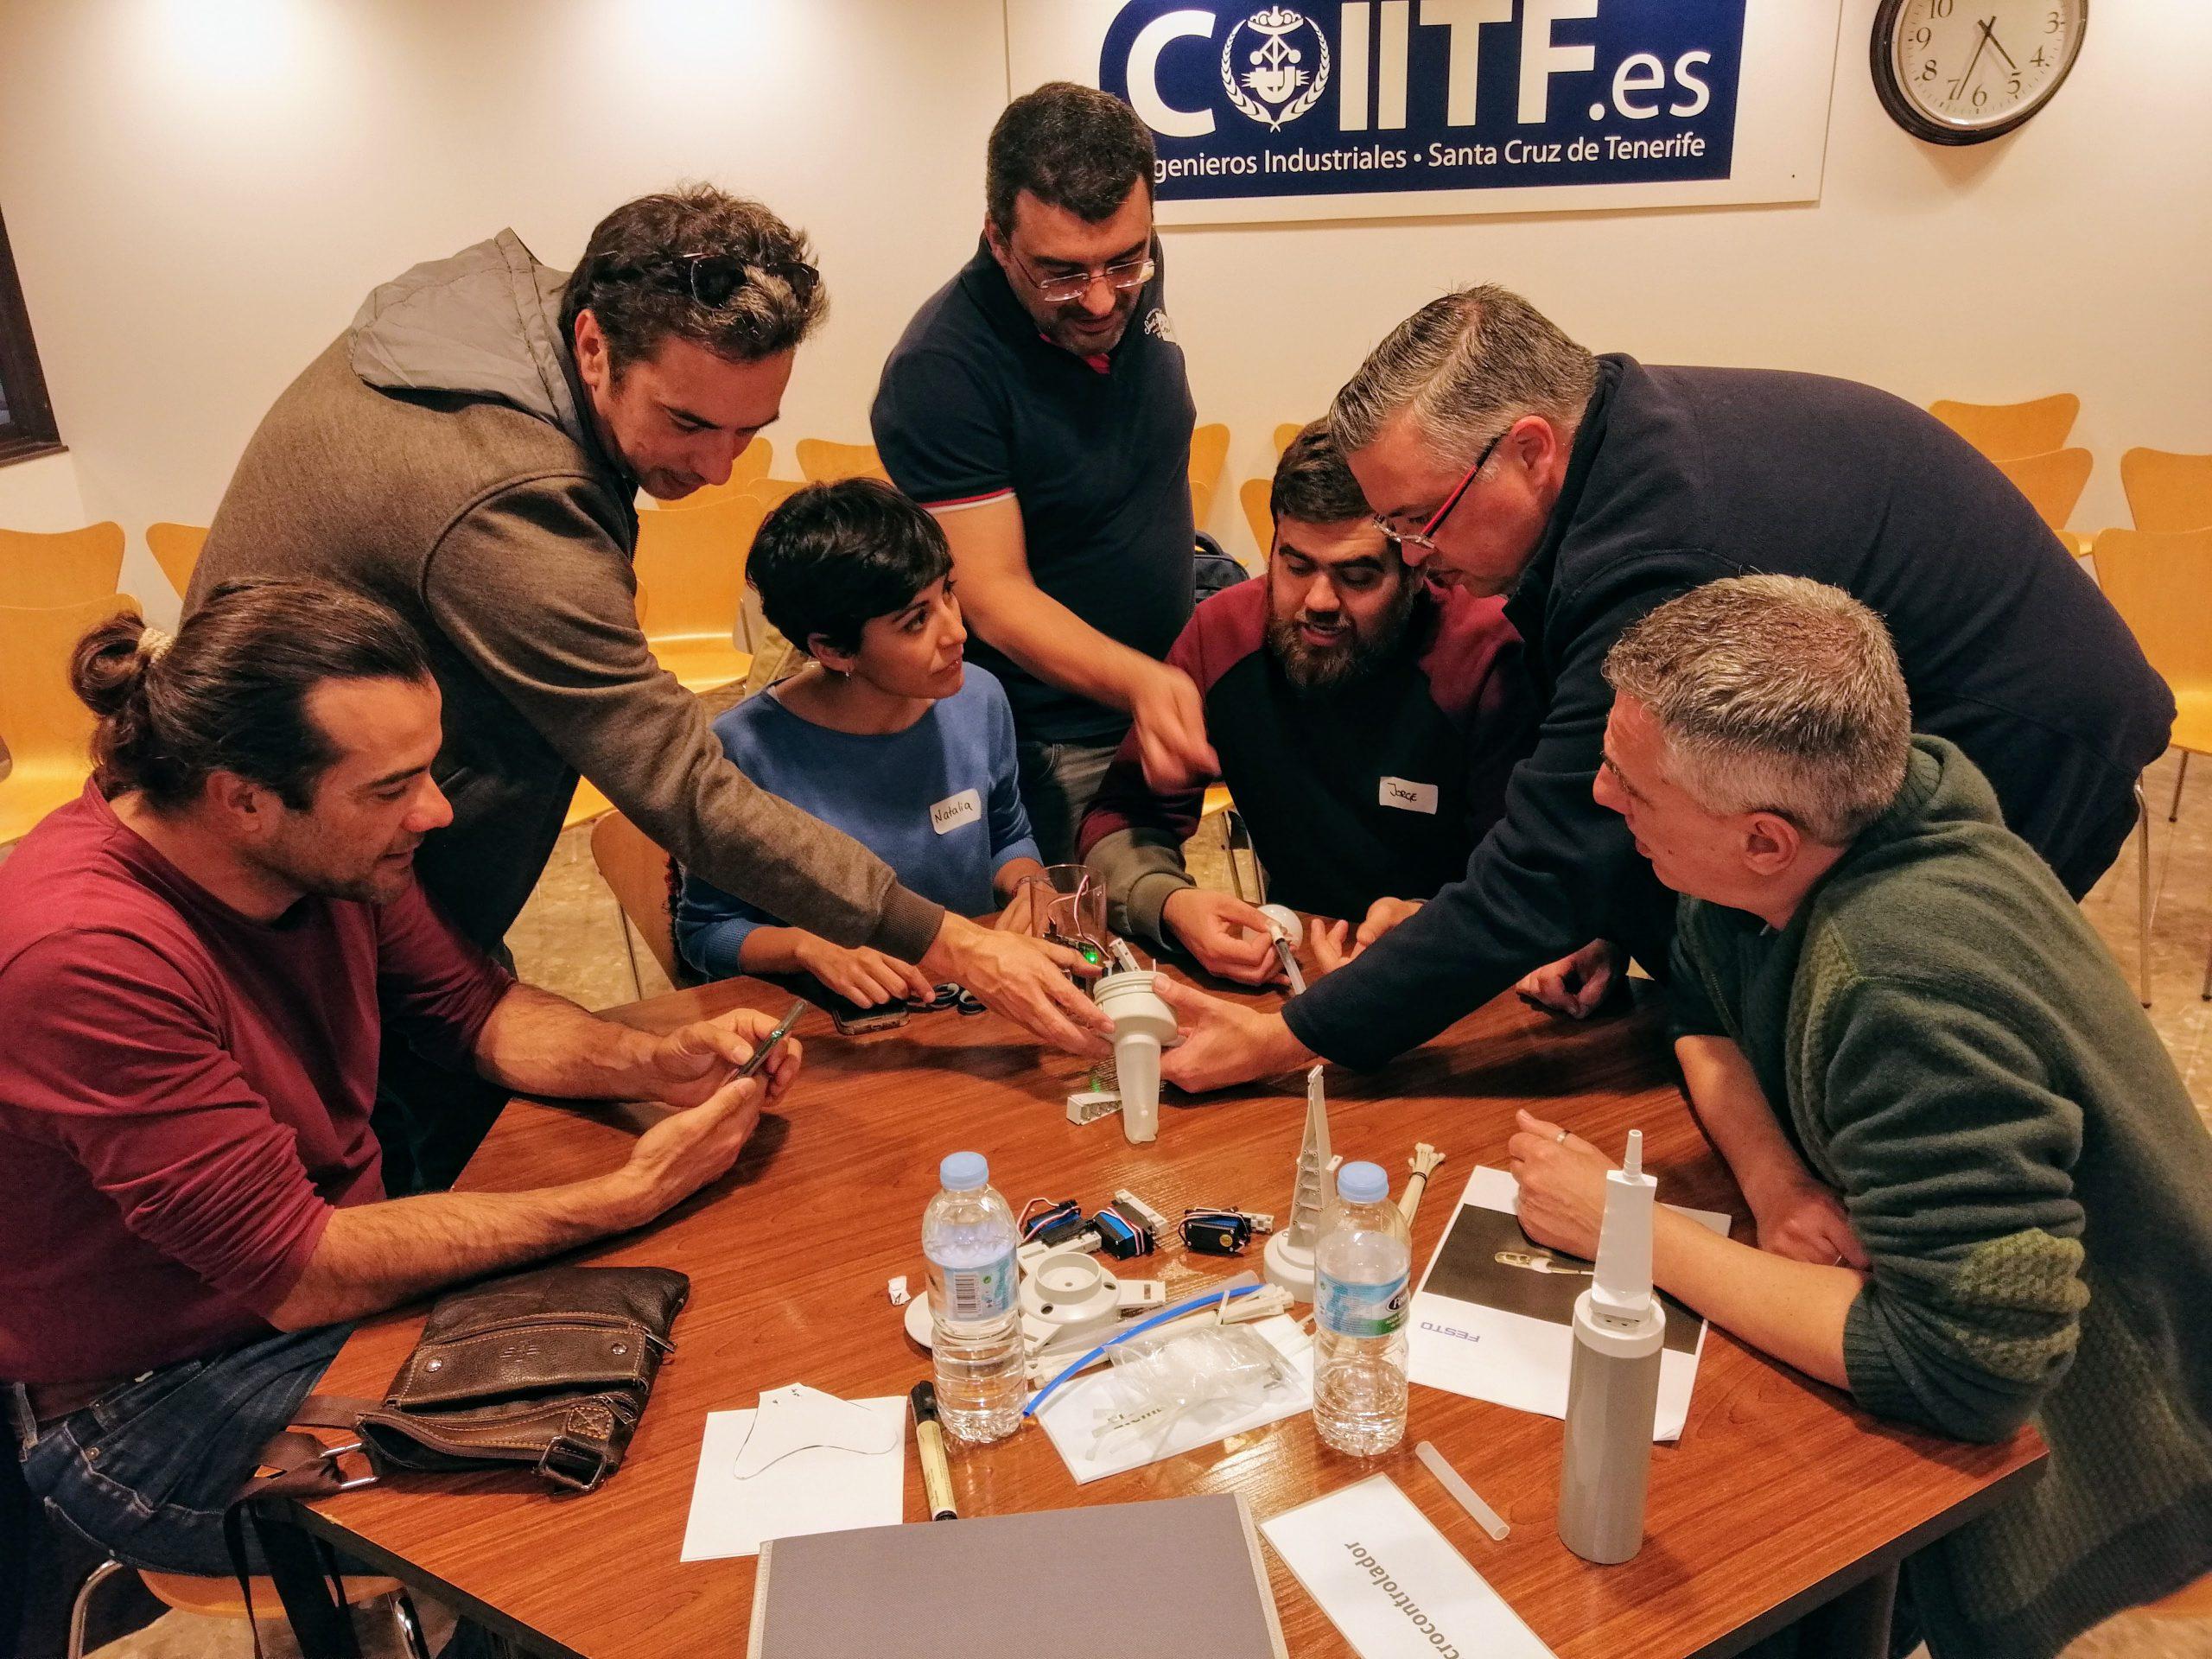 Humboldt Cosmos Multiversity lanza el reto de repensar el futuro de Canarias a las nuevas generaciones